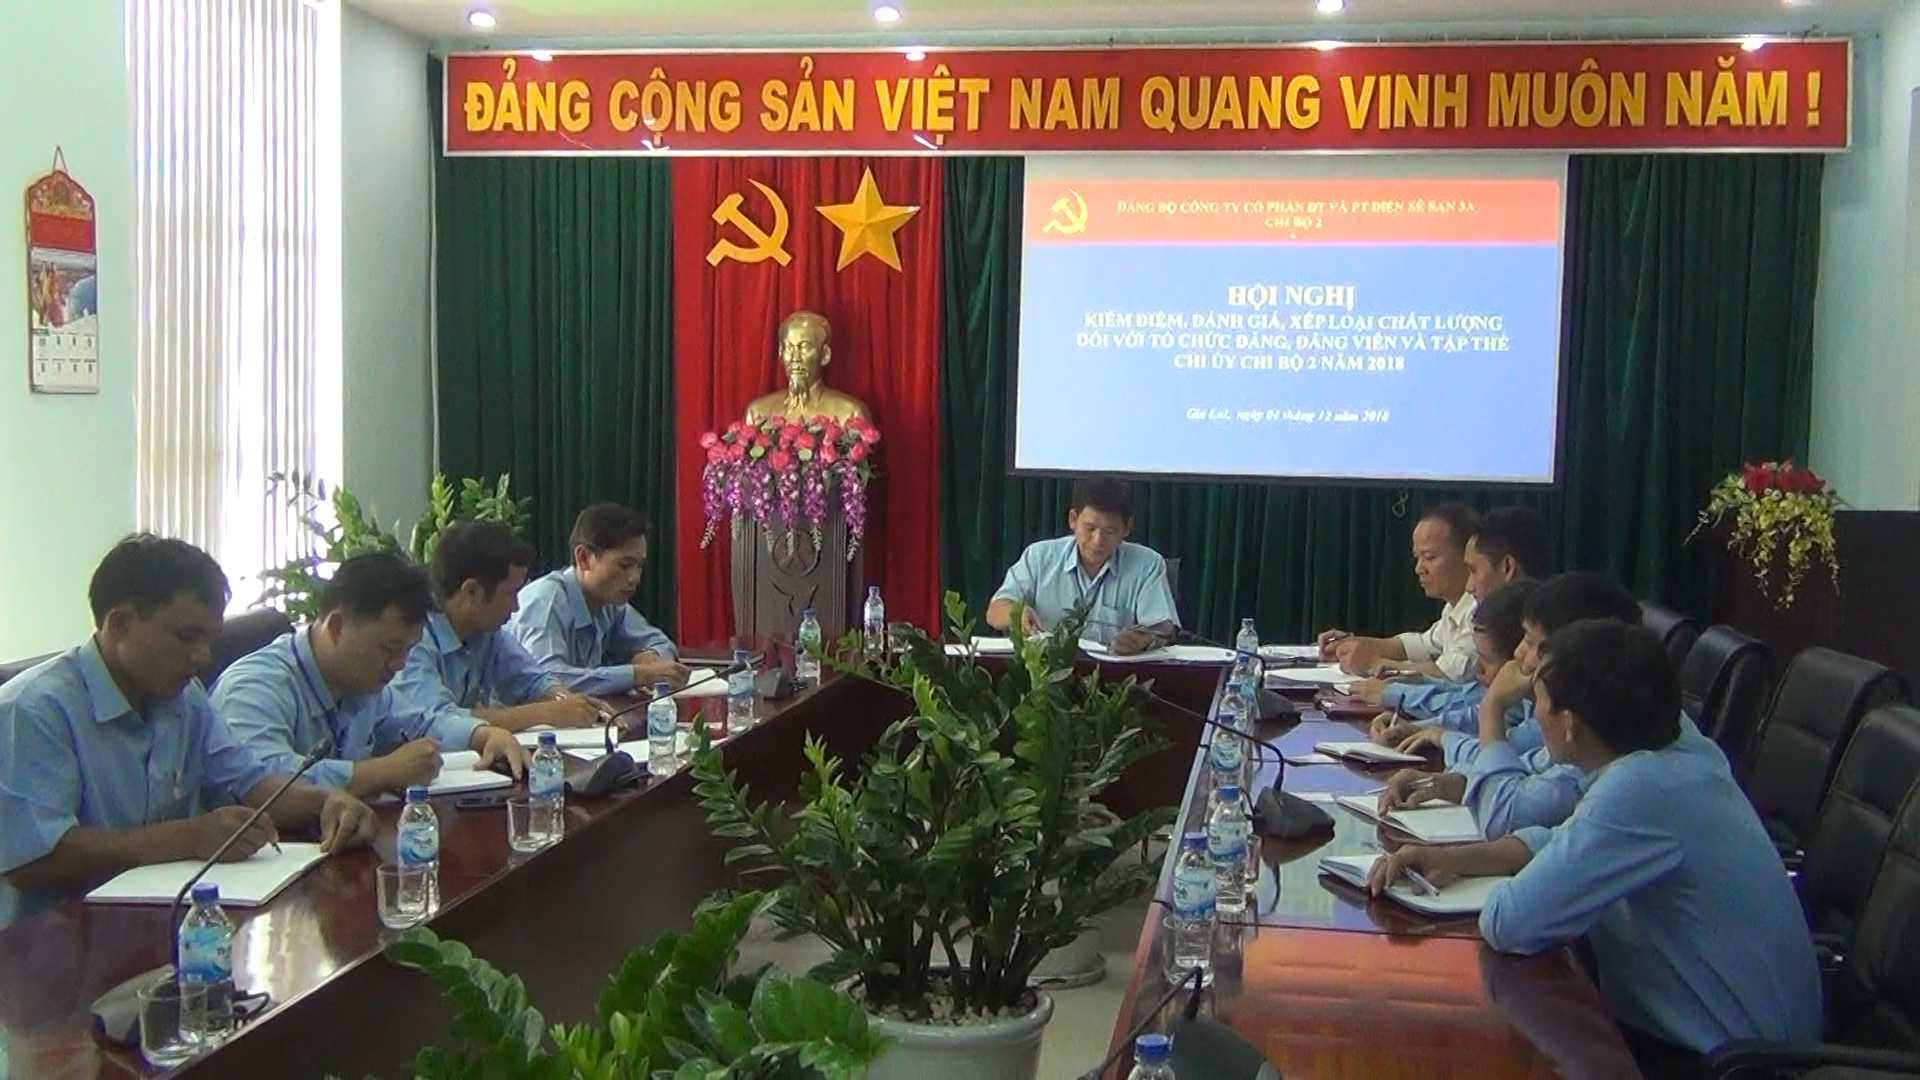 Tổ chức Hội nghị kiểm điểm, đánh giá, xếp loại chất lượng tổ chức đảng và đảng viên năm 2018 tại các Chi bộ trực thuộc Đảng bộ Công ty.